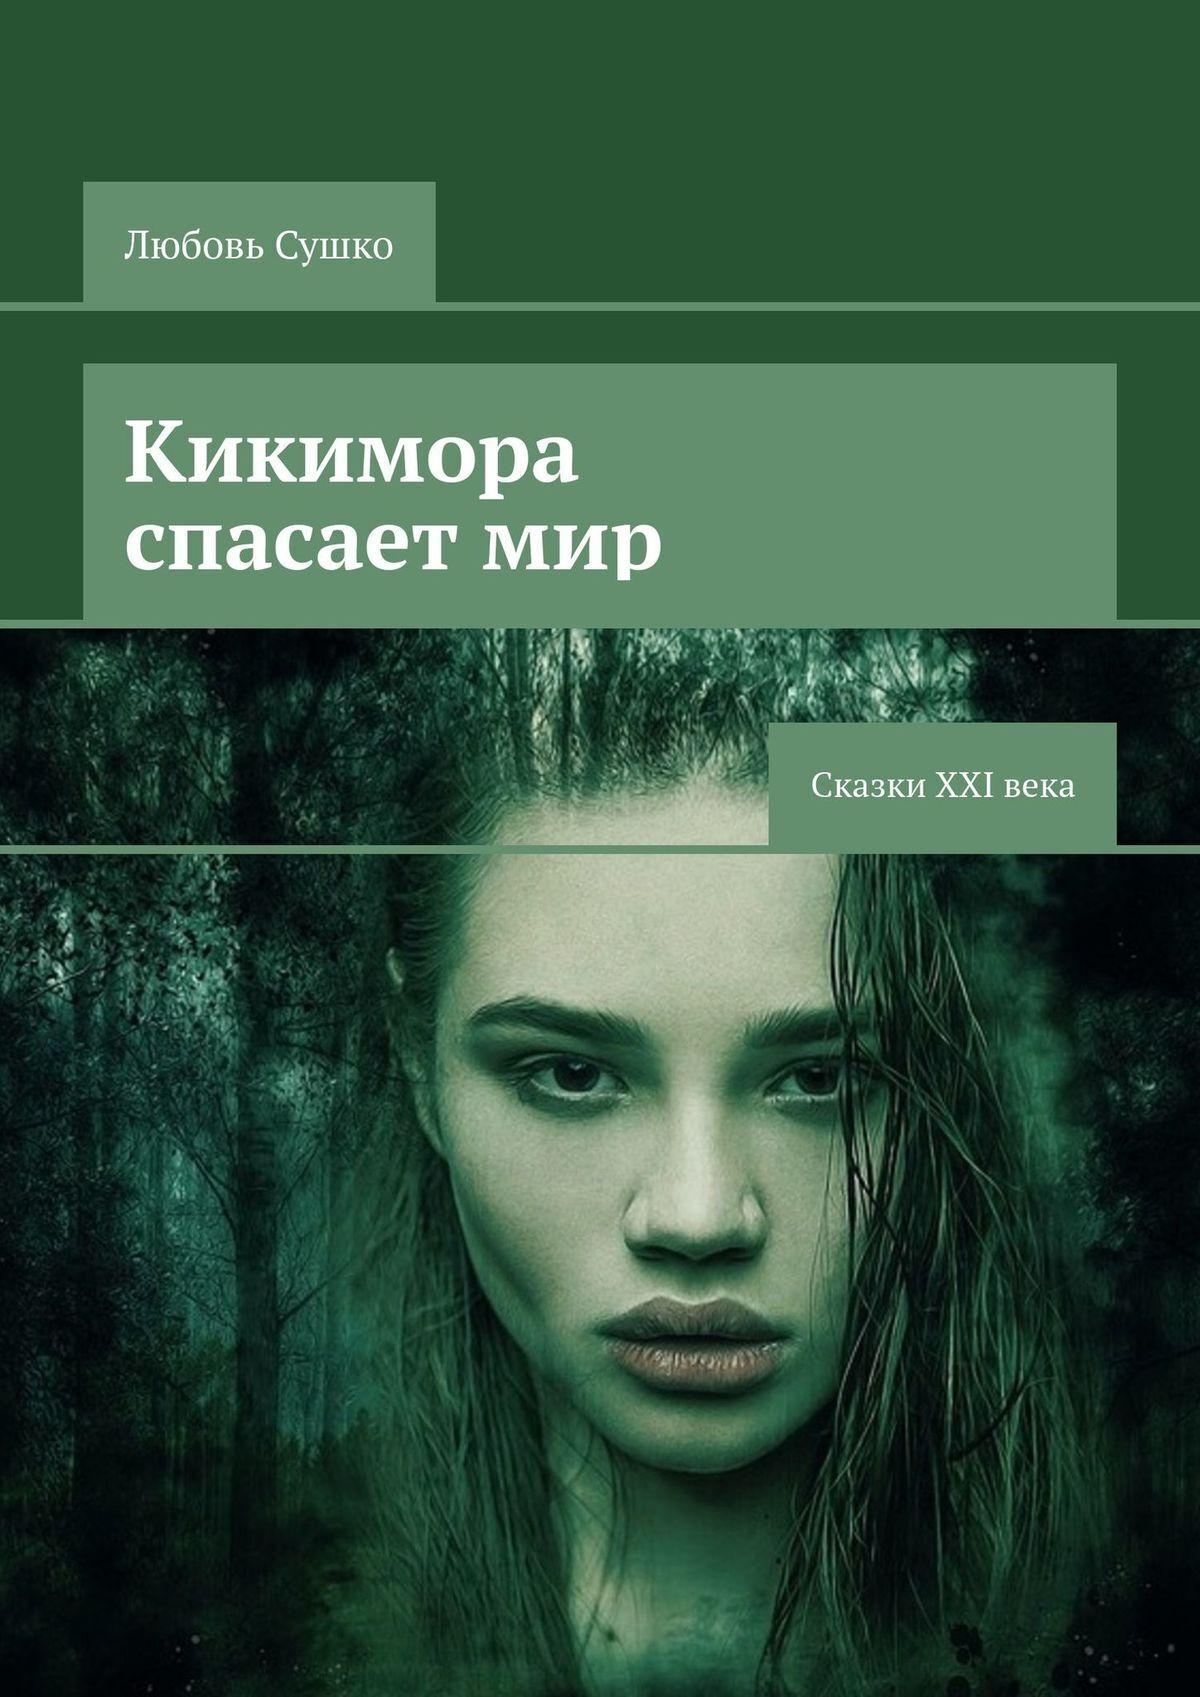 Кикимора спасает мир. Сказки XXI века